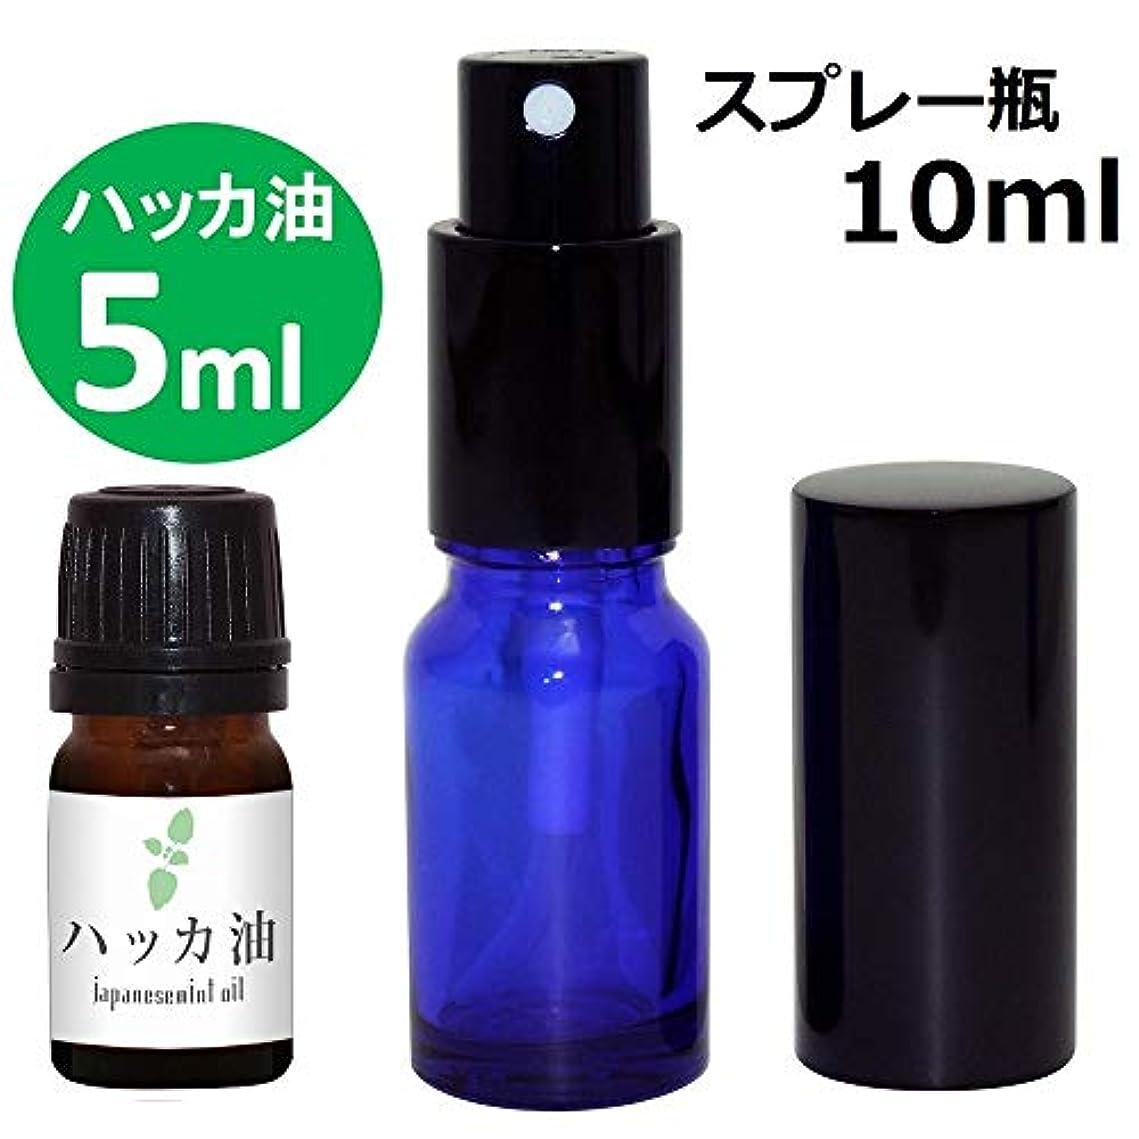 秘書対応断言するガレージ?ゼロ ハッカ油 5ml(GZAK11)+ガラス瓶 スプレーボトル10ml/和種薄荷/ジャパニーズミント GSE532